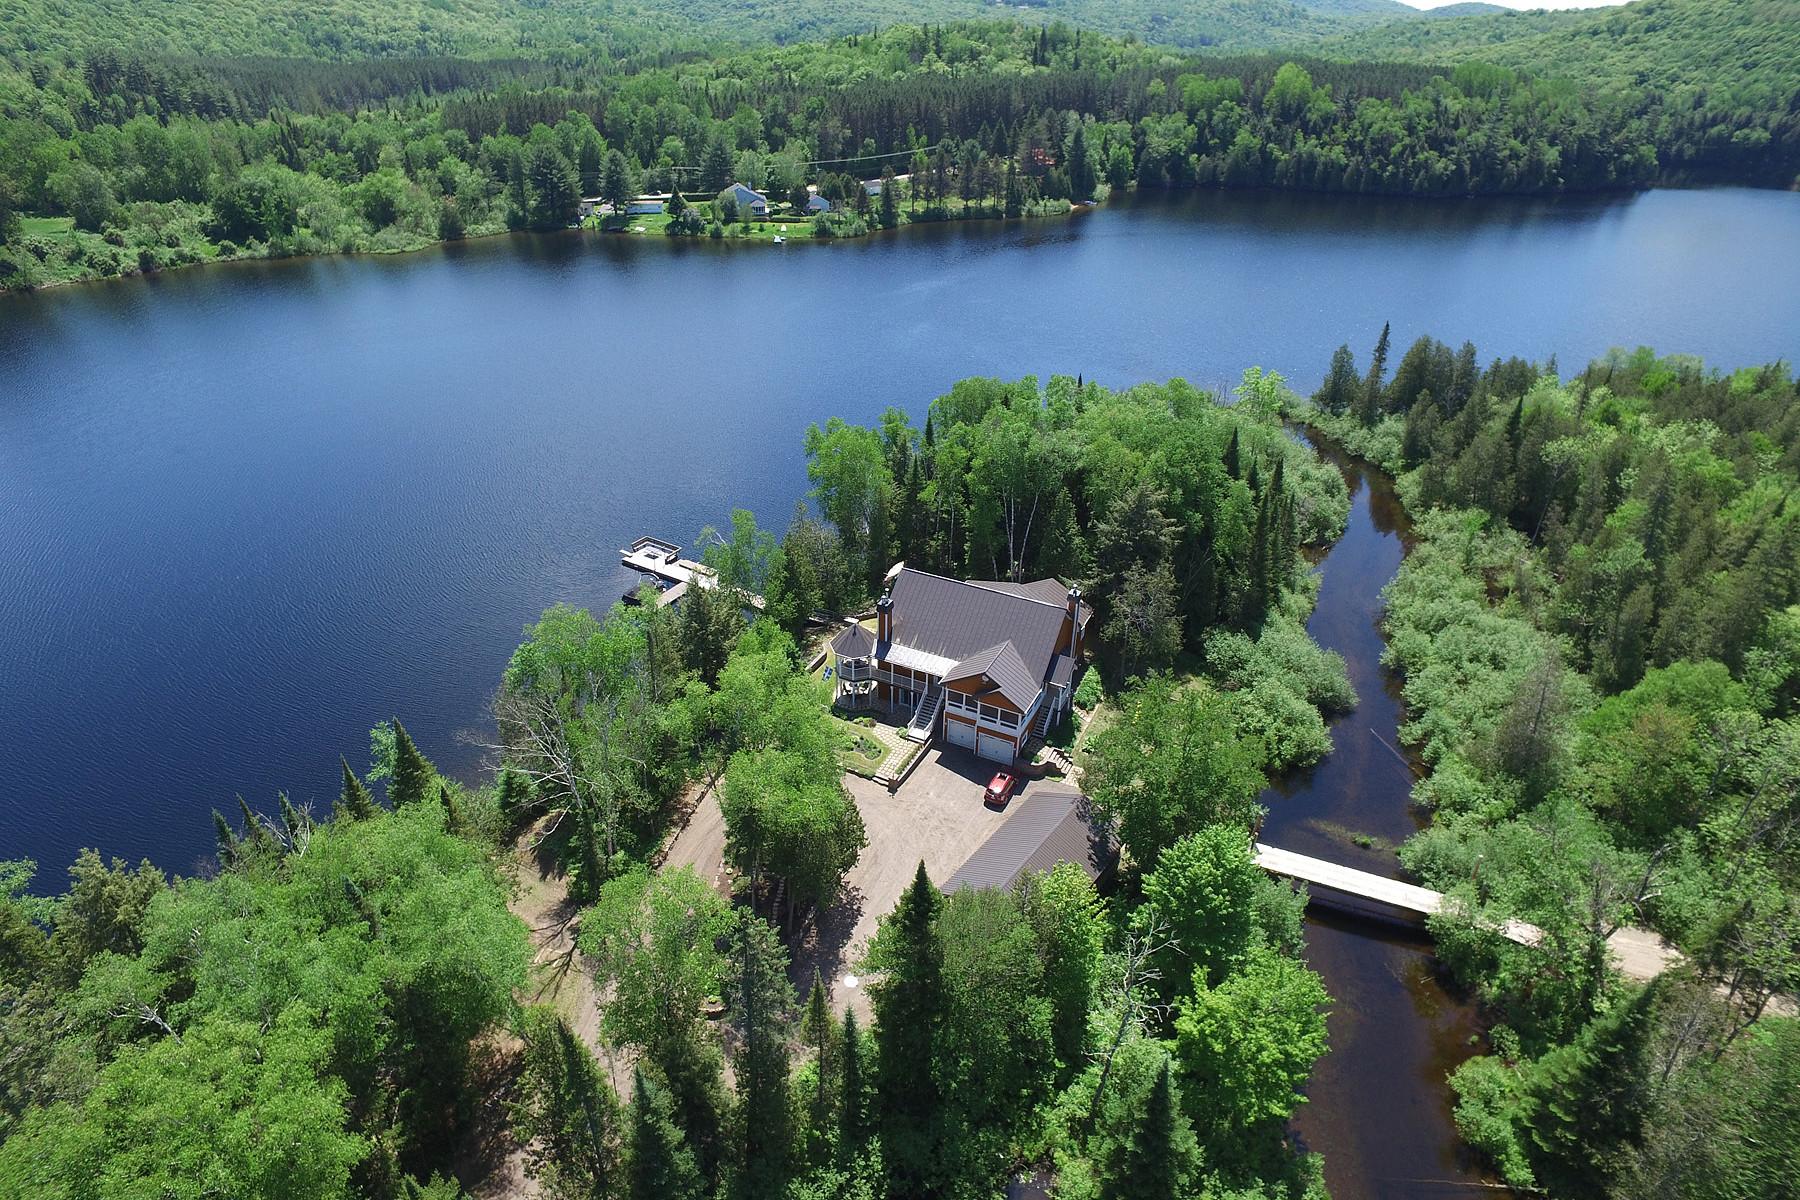 Casa Unifamiliar por un Venta en Amherst, Laurentides 401 - 405 Ch. Jos-Millette Amherst, Quebec, J0T2T0 Canadá